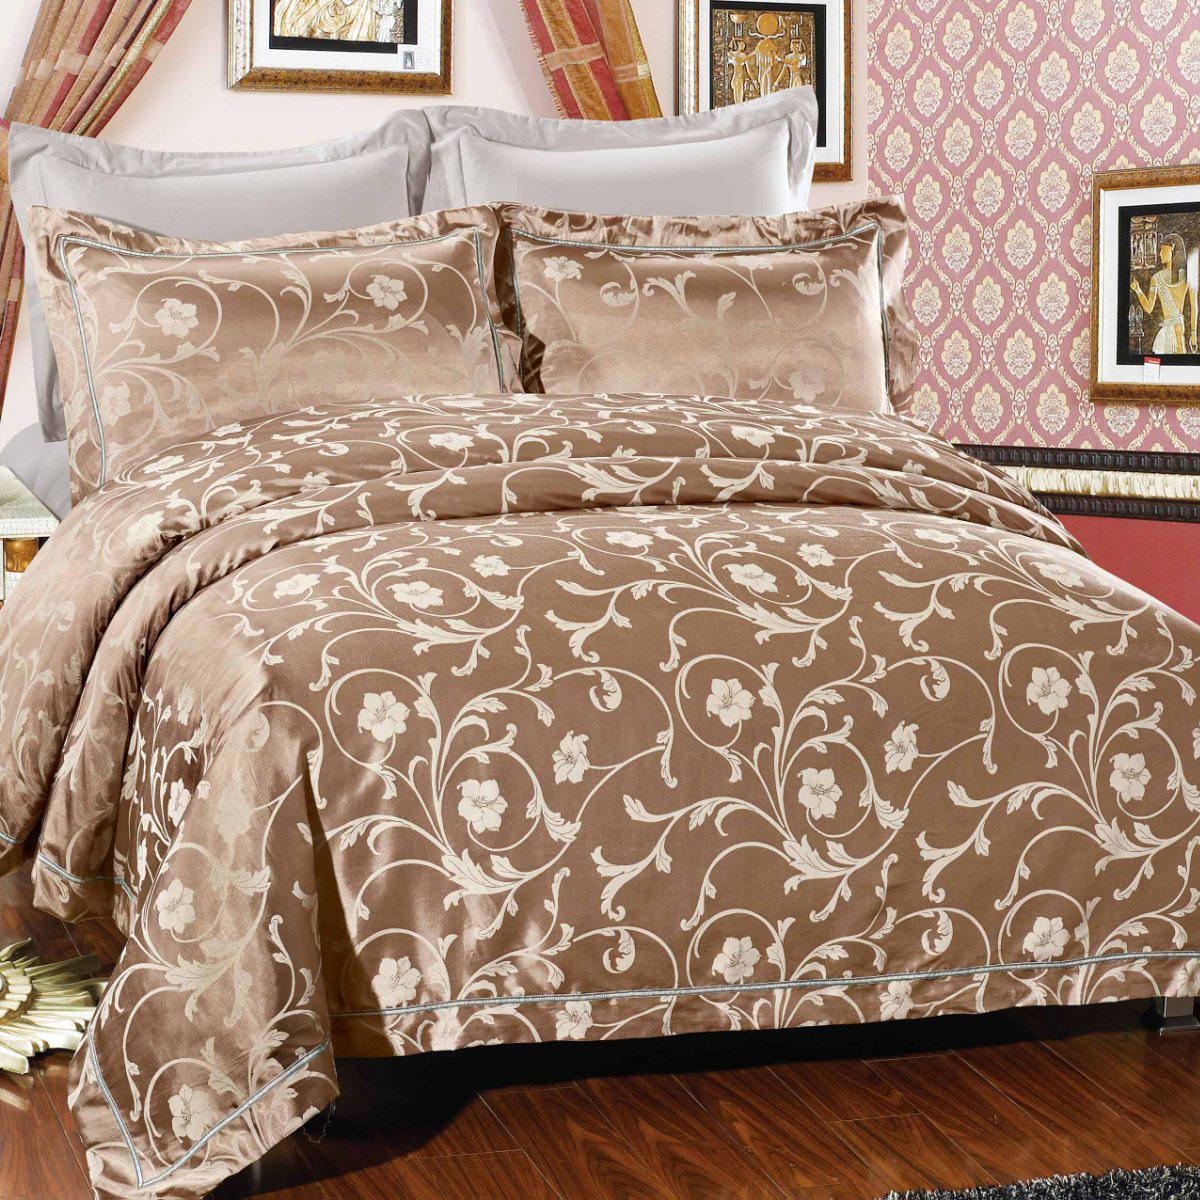 цена на Комплект постельного белья Letto, евро, наволочки 50х70, 70х70, AJ26-6